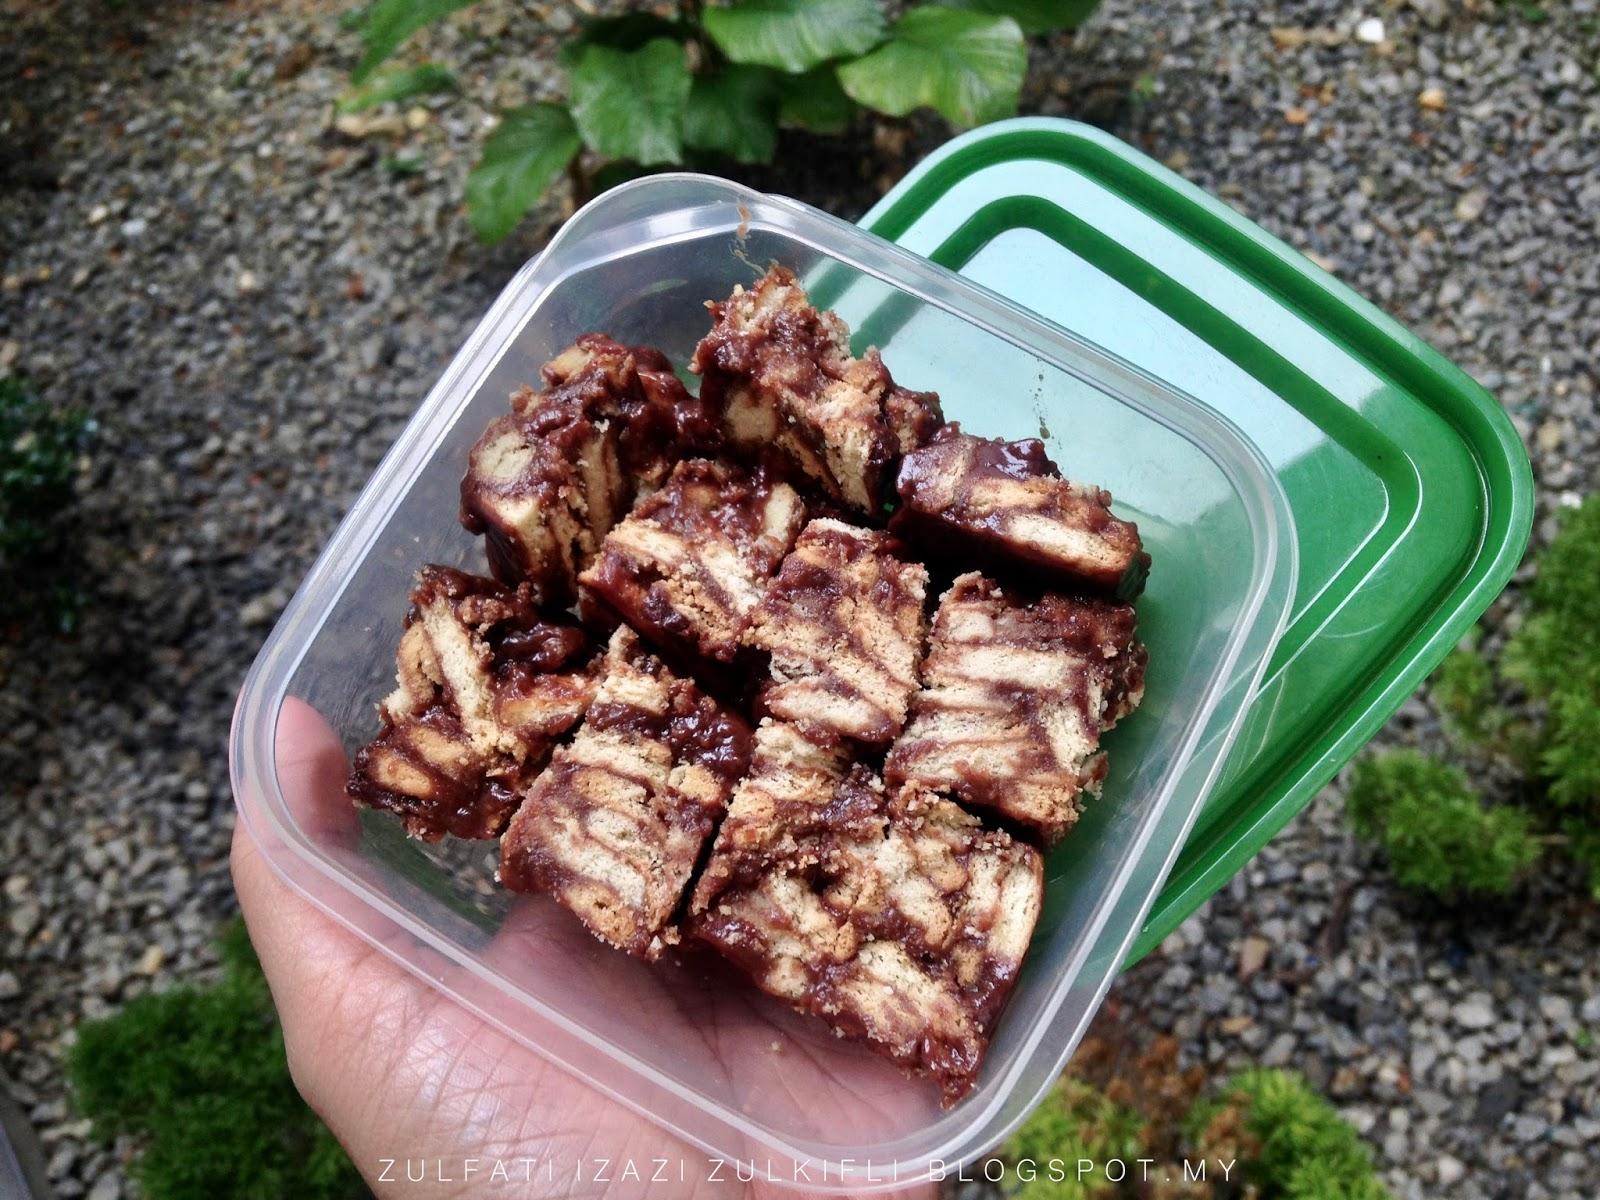 Resepi Kek Batik Mudah Dan Rangup The Daily Jaji